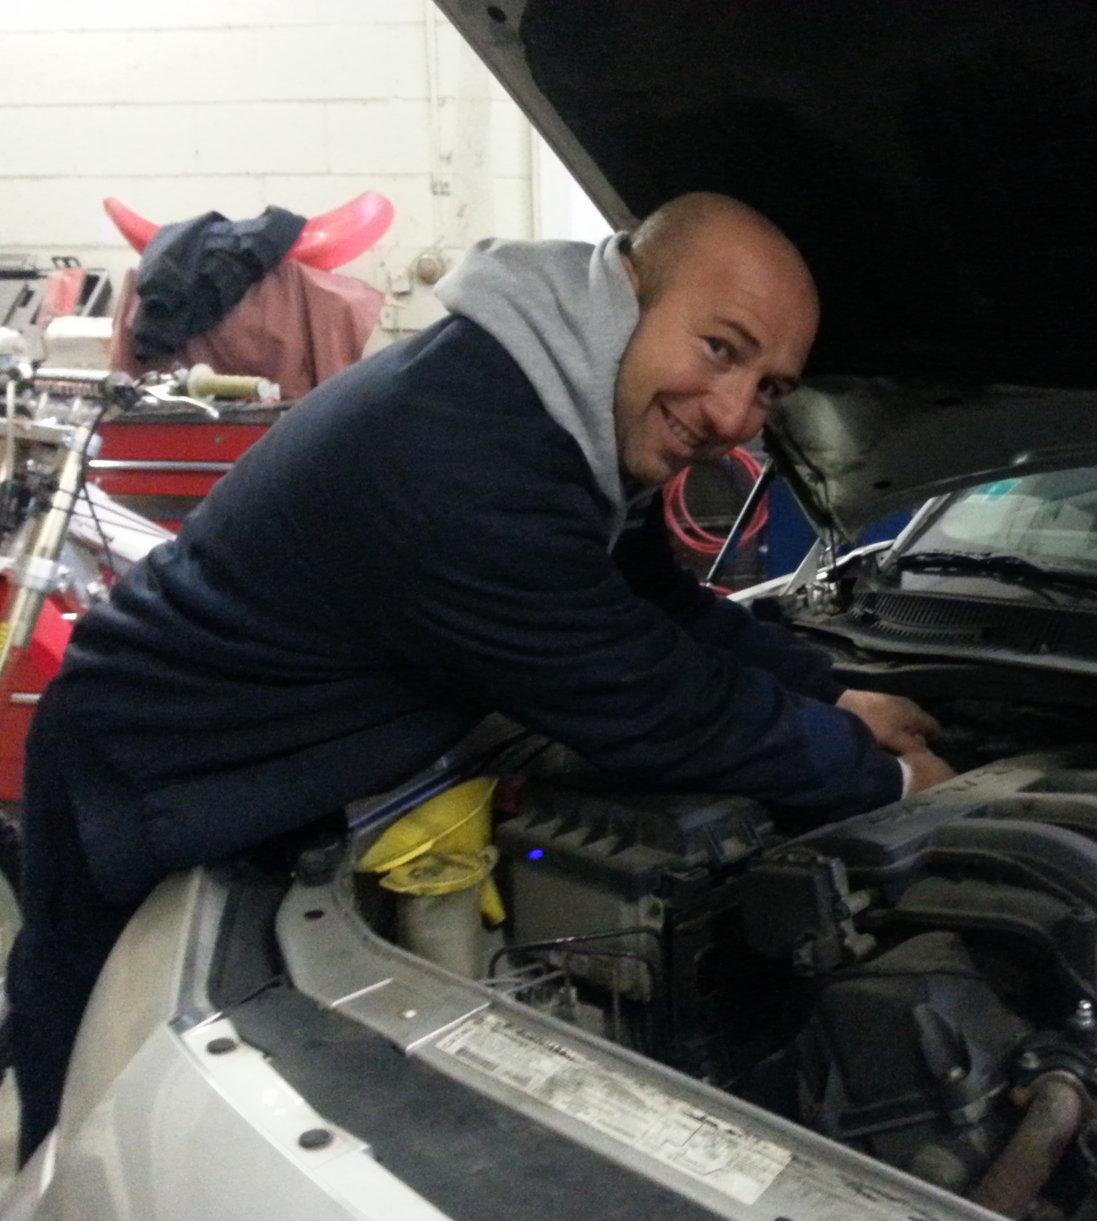 Joe & Son's Service, Cranston RI, 02920, Maintenance & Electrical Diagnostic, Auto Repair, Brake Repair, Suspension Work and Diesel Repair